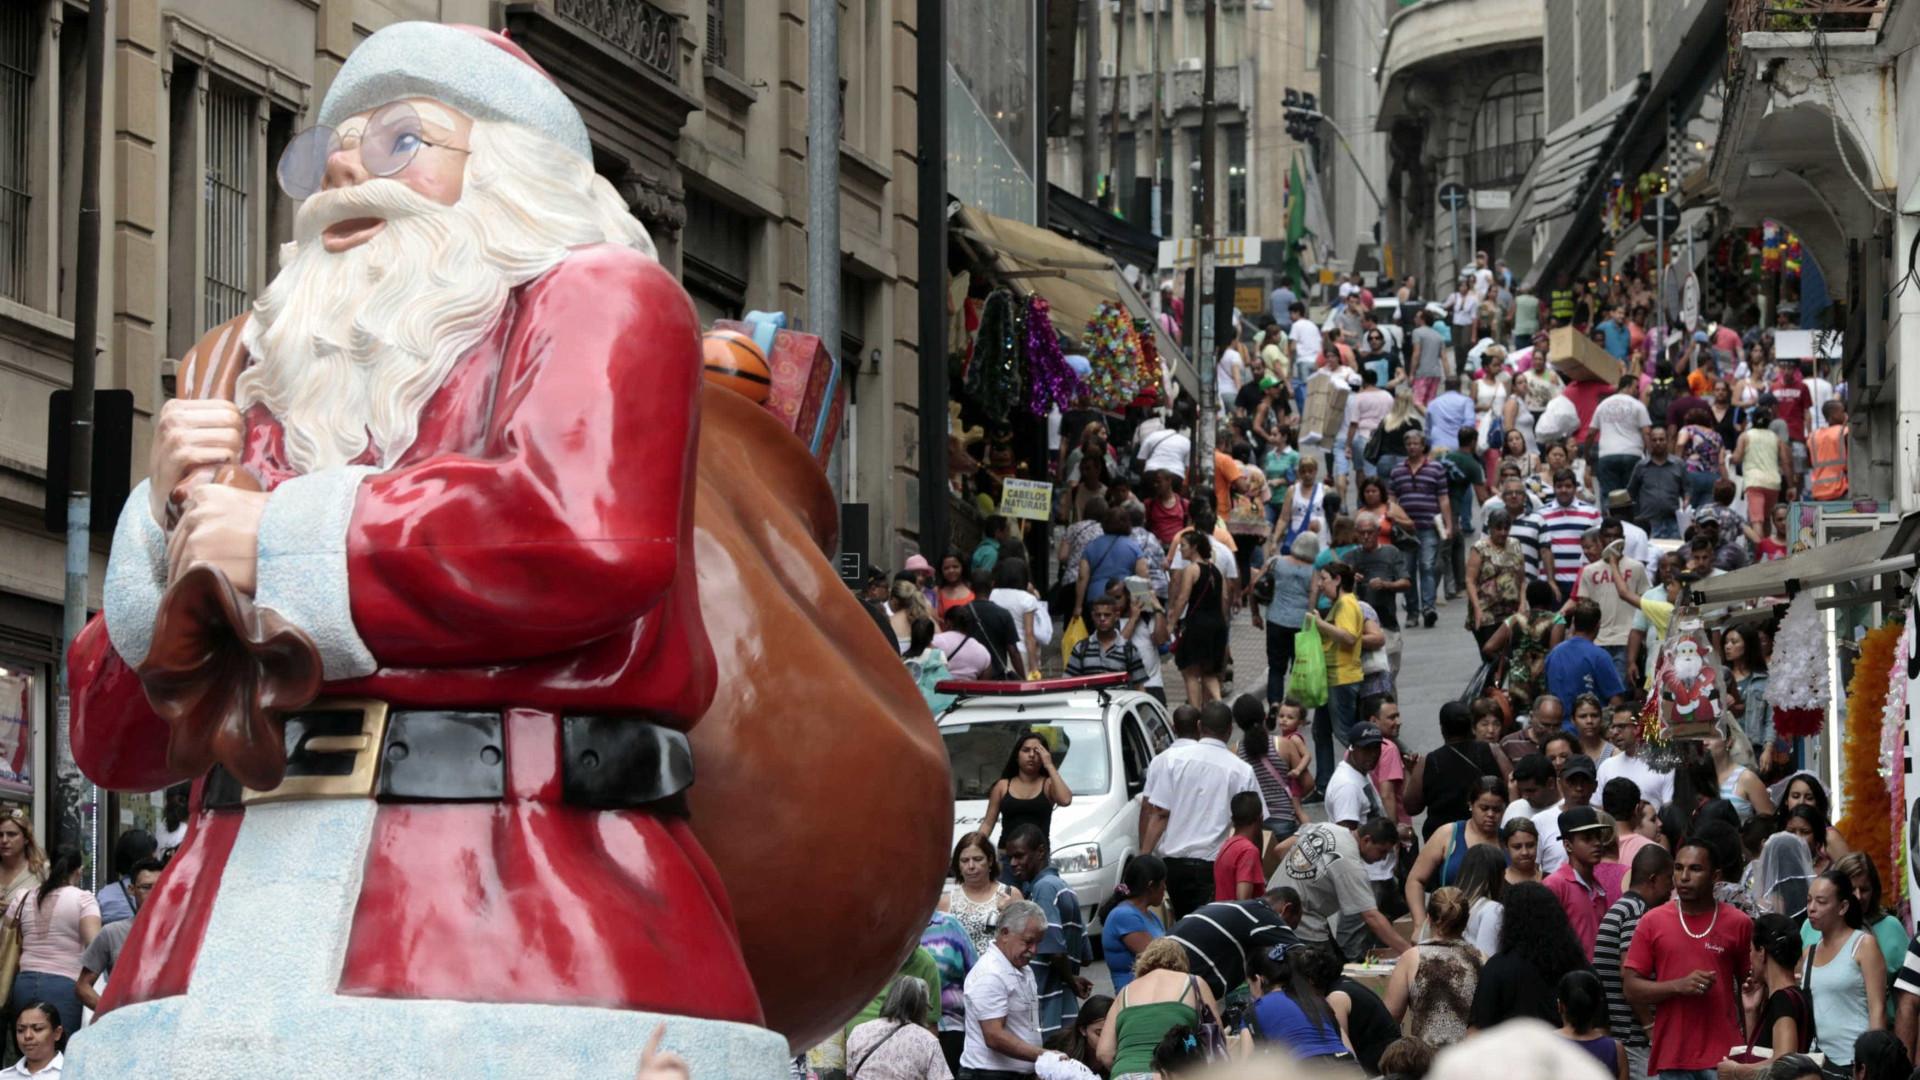 Consumidor leva mais presentes neste Natal, mas se queixa de crise